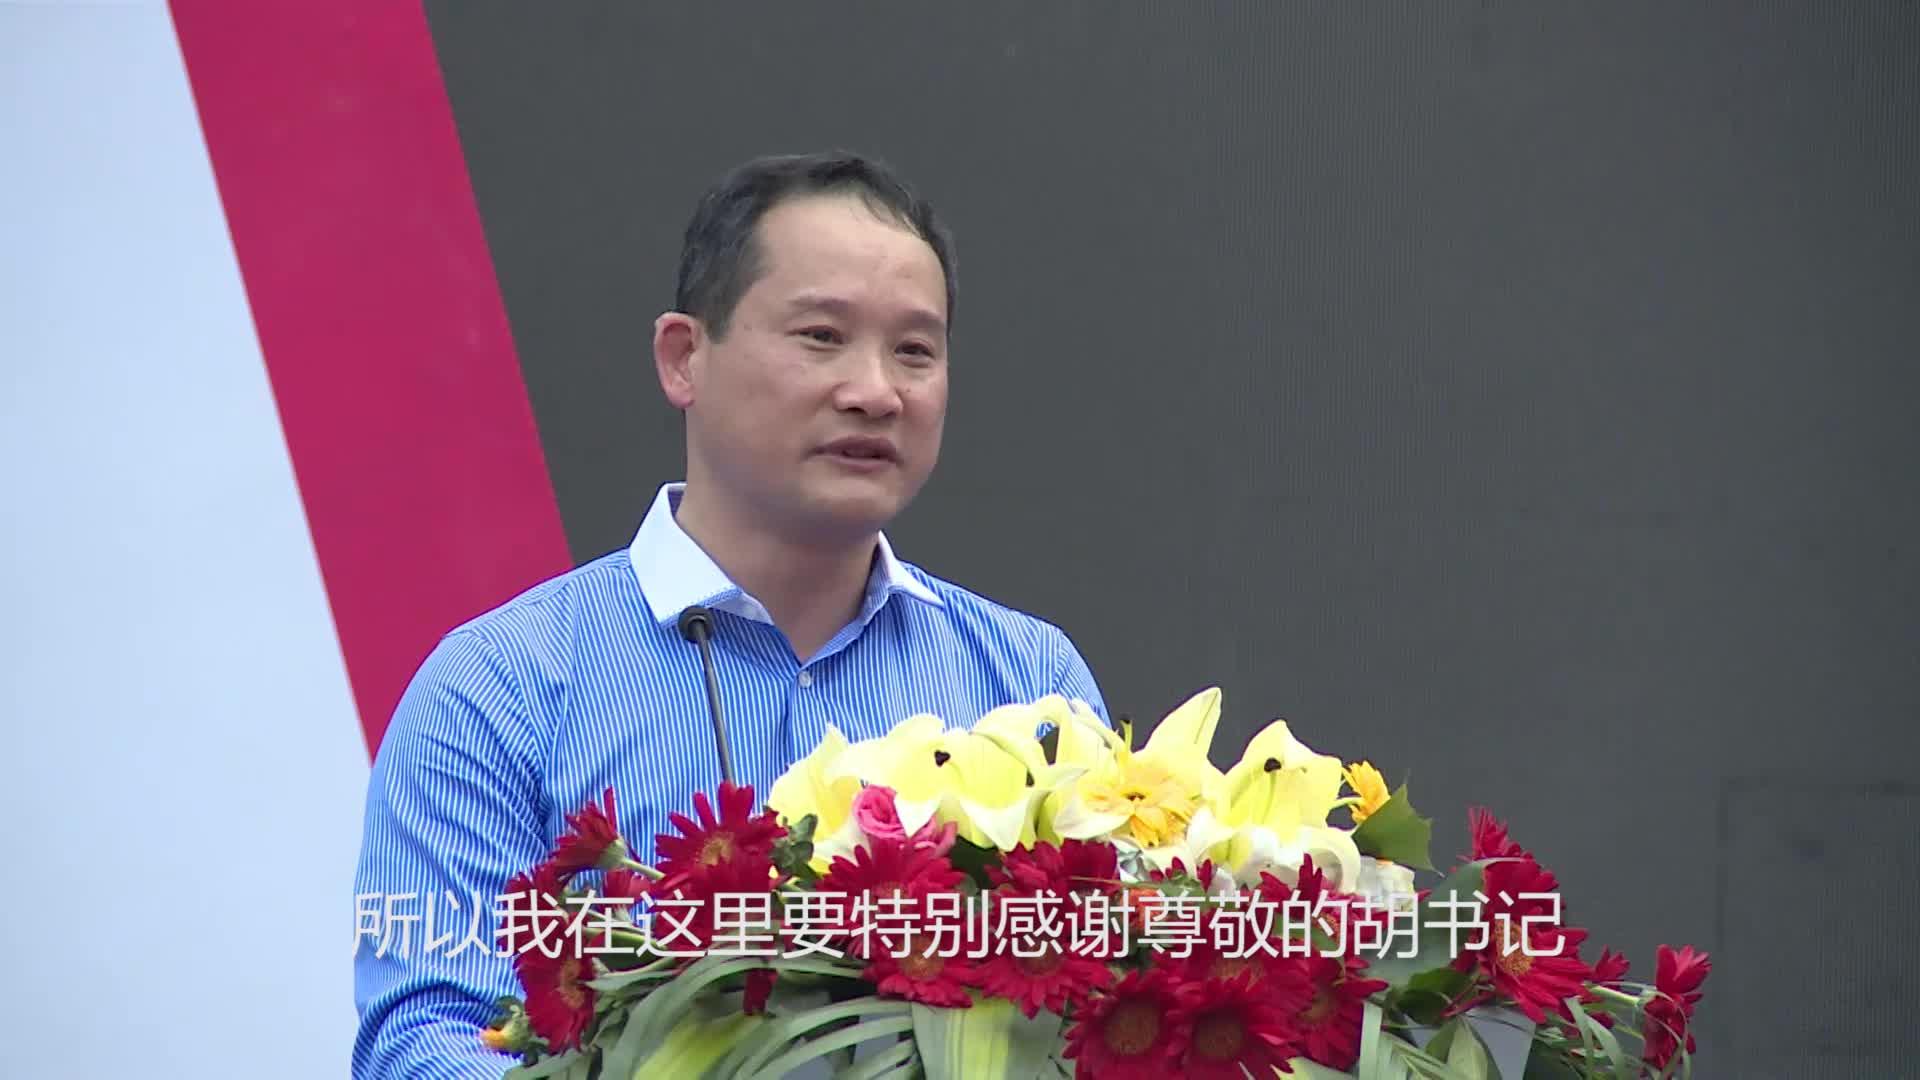 澳门bbin重卡产品上市发布会梁林河先生的讲话